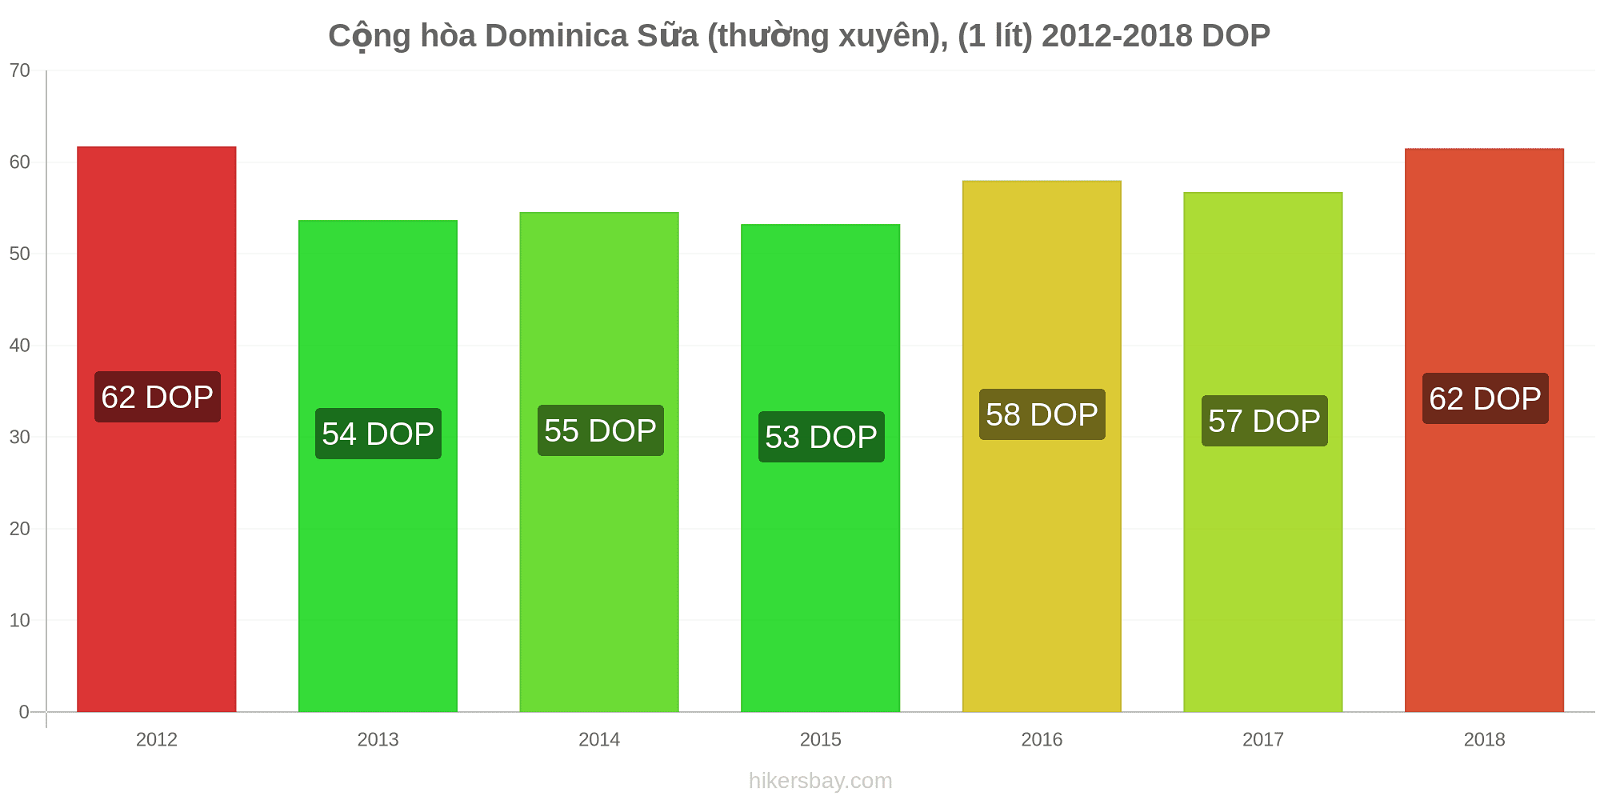 Cộng hòa Dominica thay đổi giá Sữa (thường xuyên), (1 lít) hikersbay.com